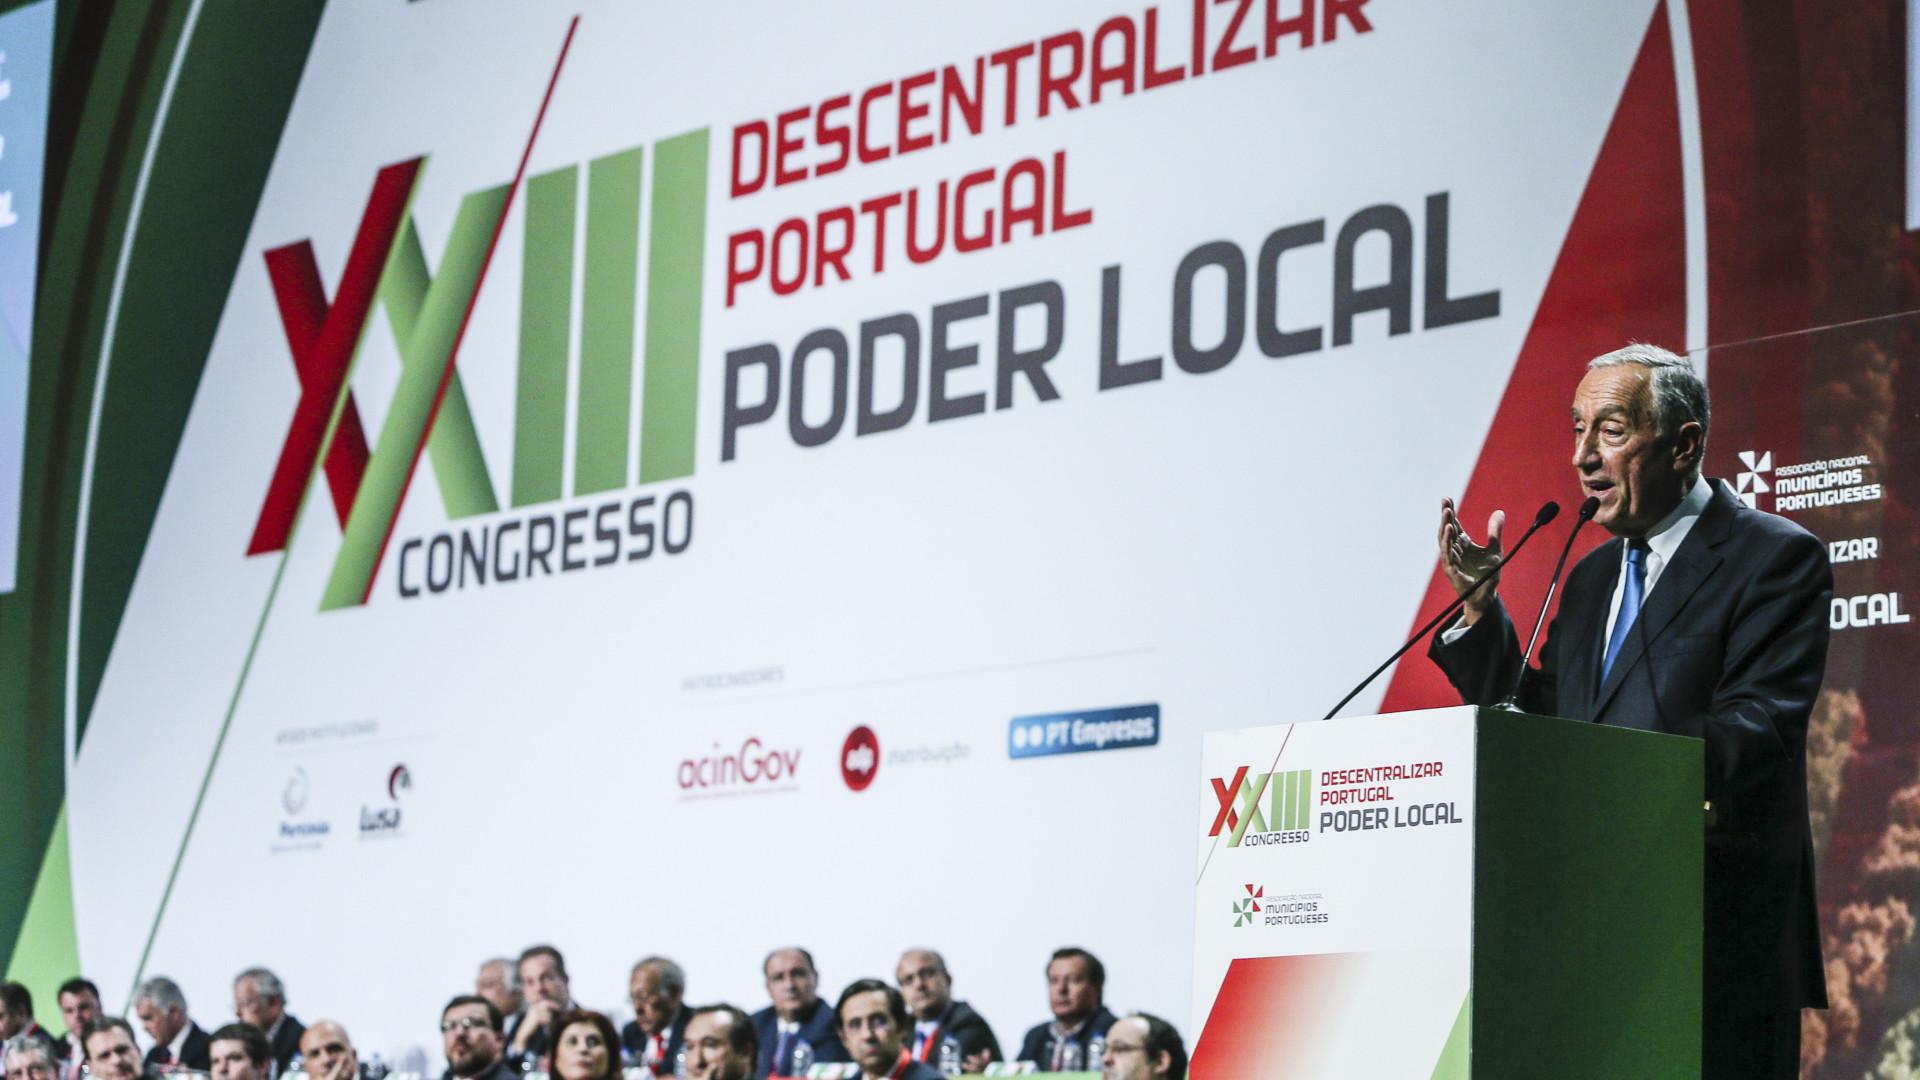 Manuel Machado reeleito para a Associação Nacional de Municípios Portugueses